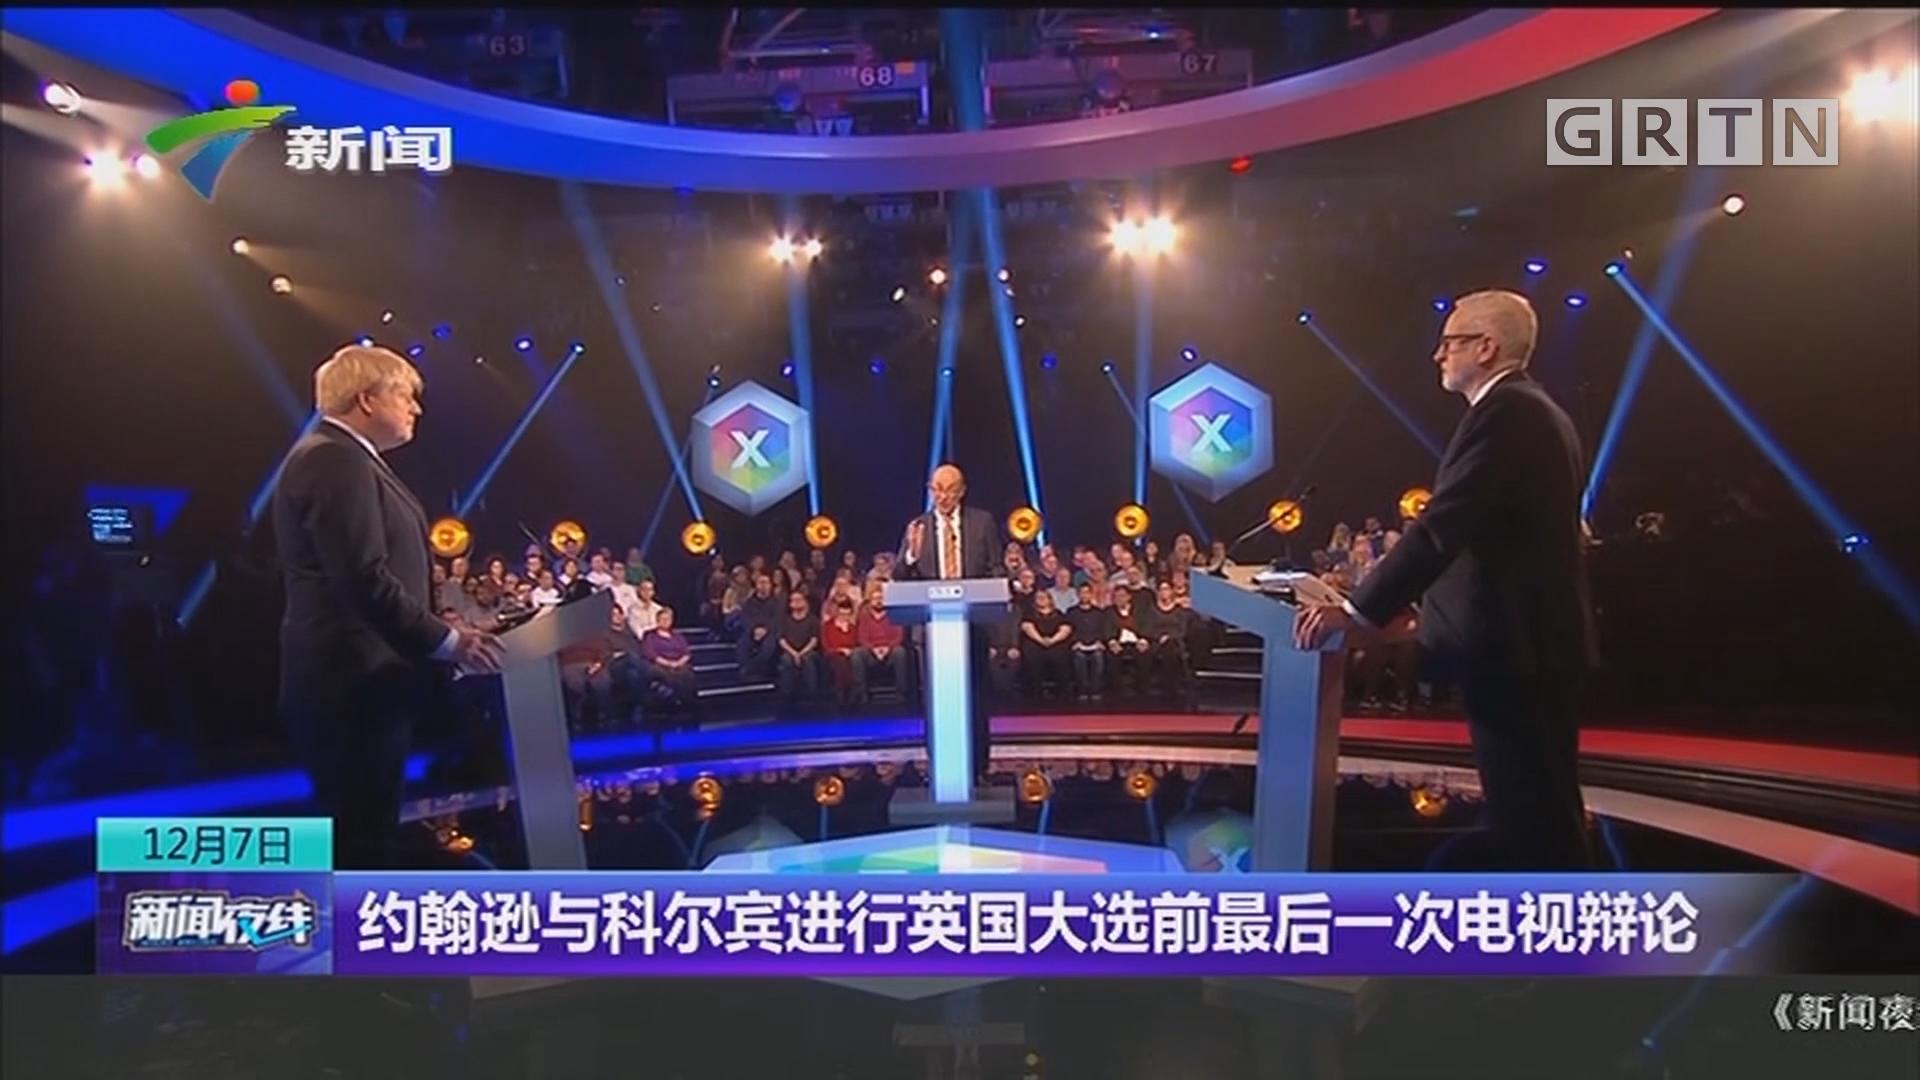 约翰逊与科尔宾进行英国大选前最后一次电视辩论